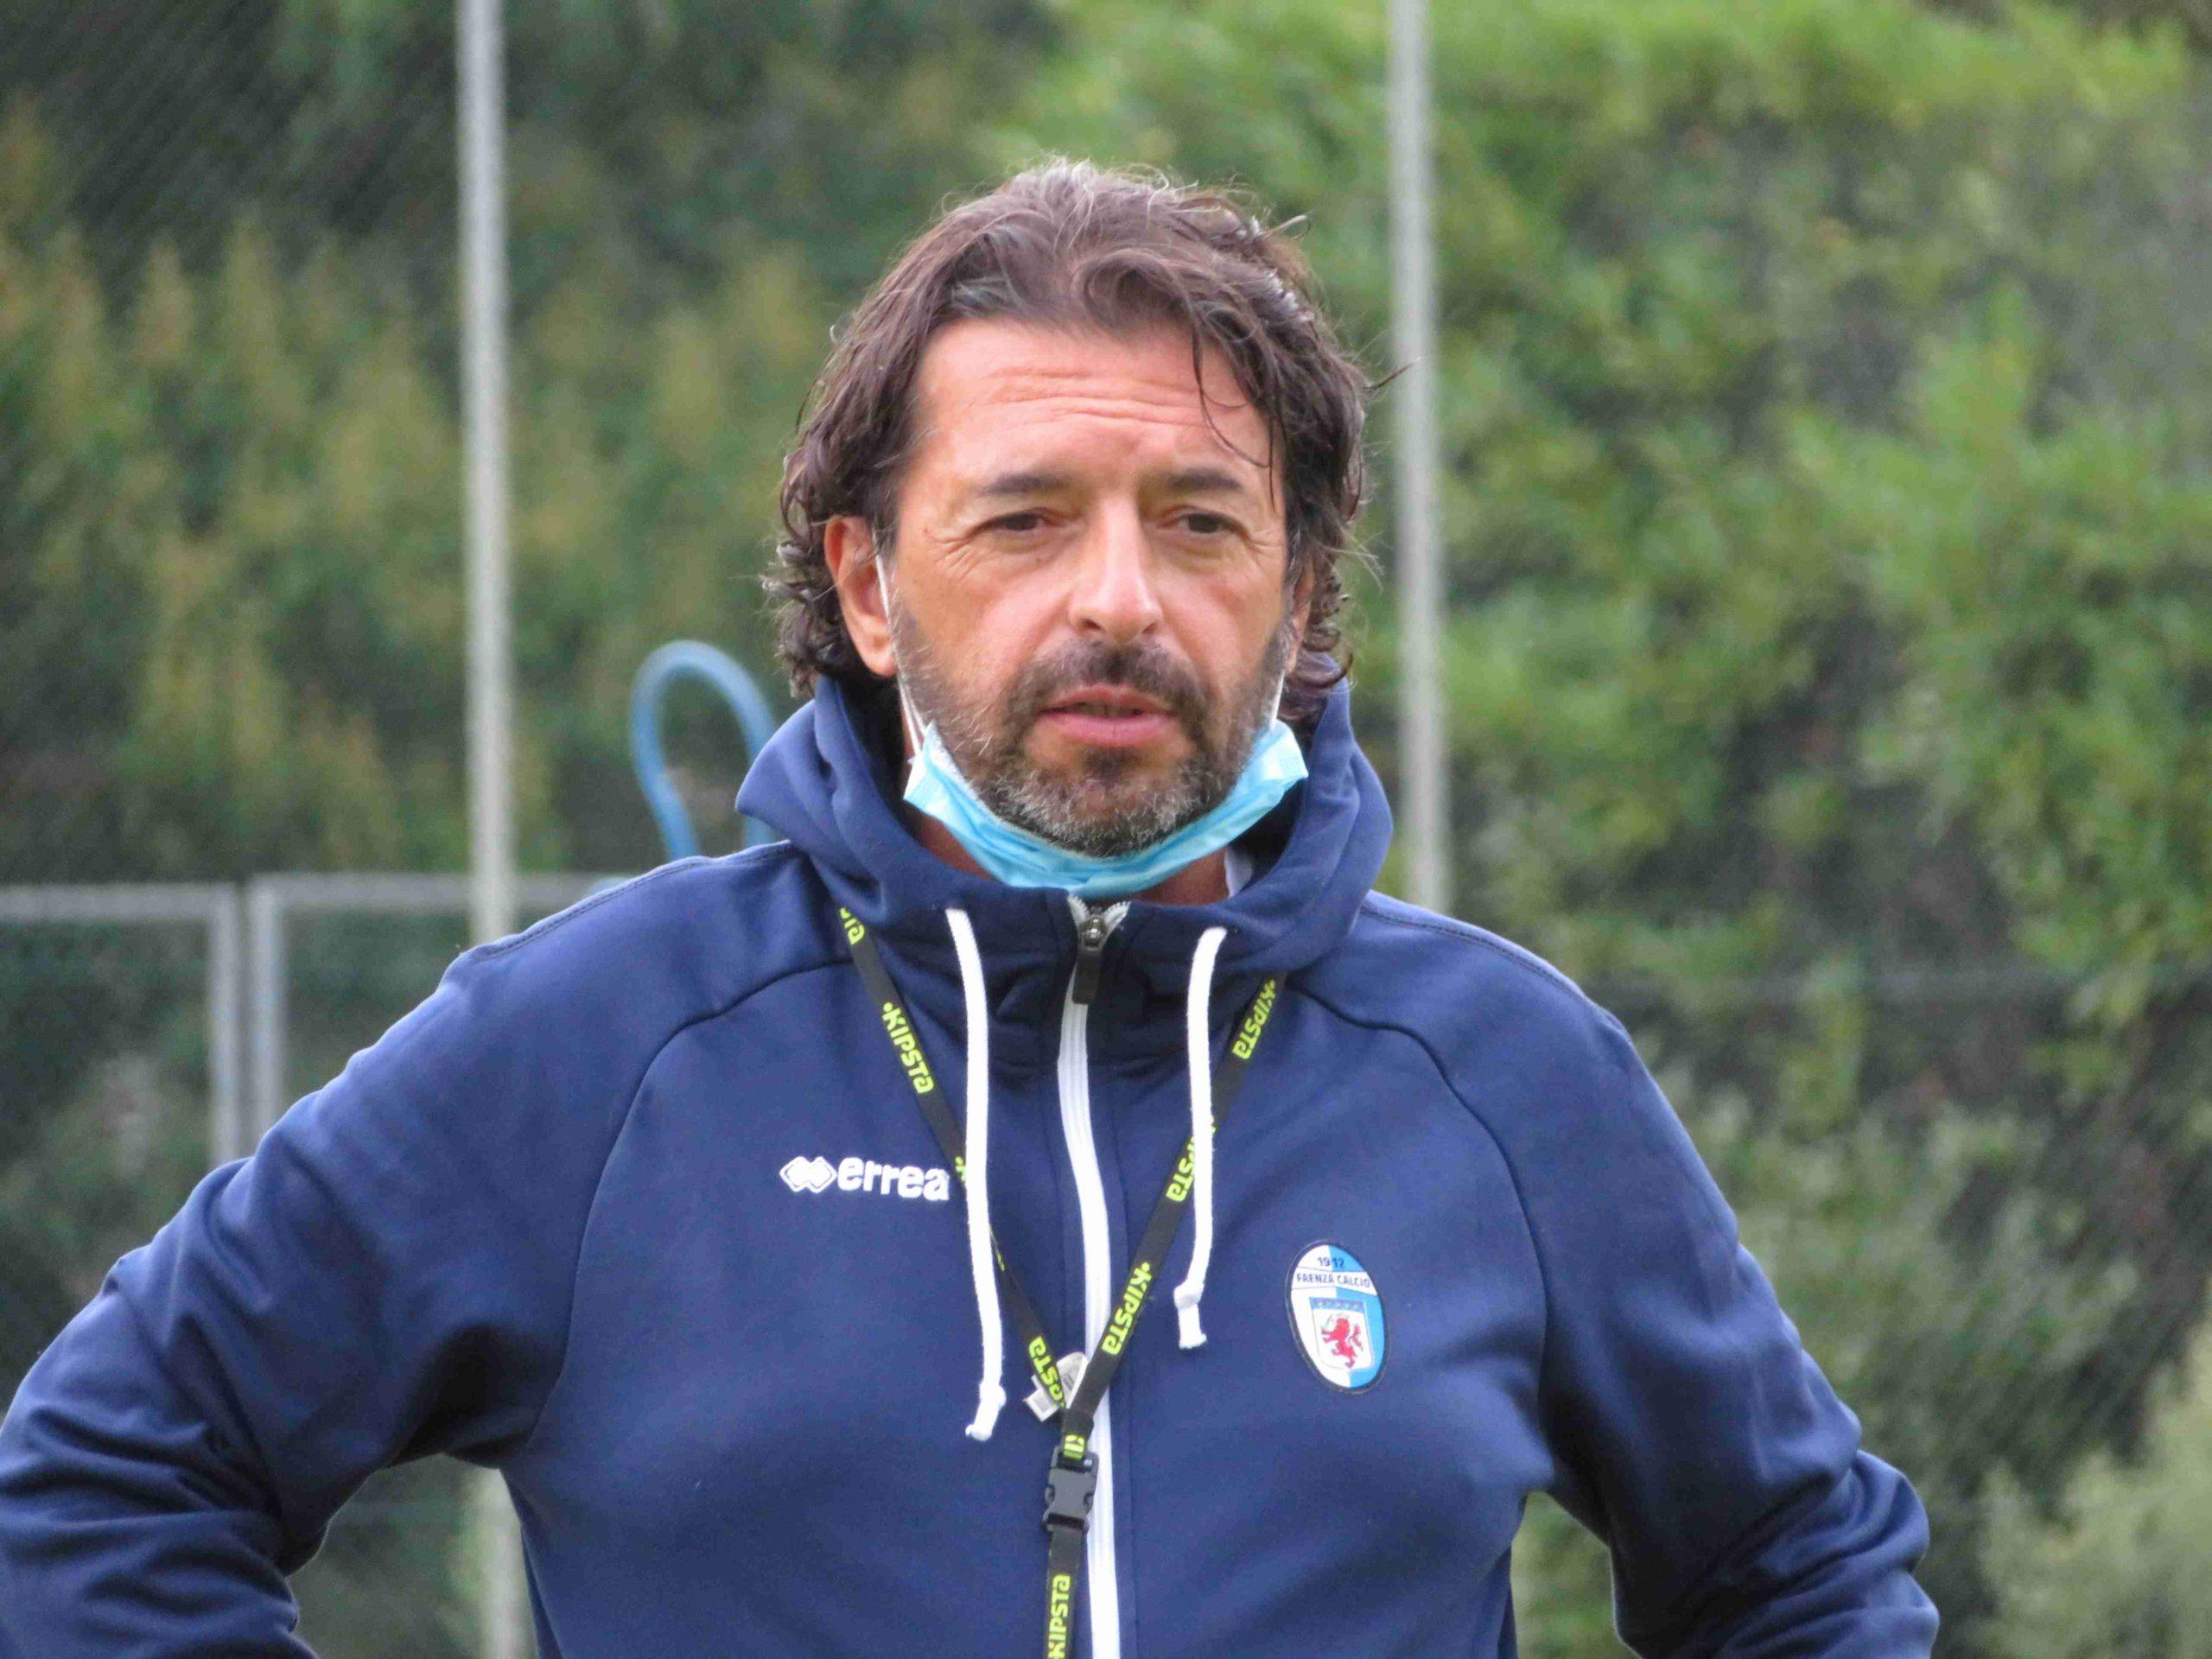 Sollevato dall'incarico l'allenatore ravennate Alessandro Moregola